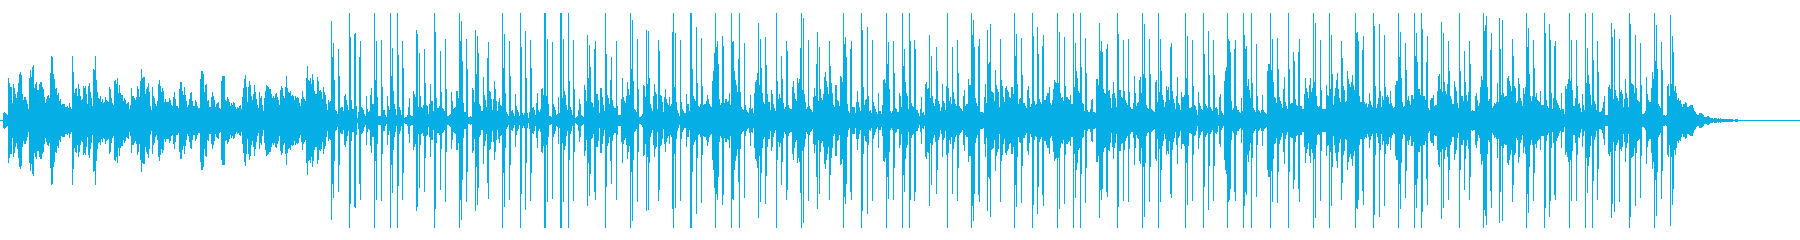 ジブリ チルホップ chillhopの再生済みの波形